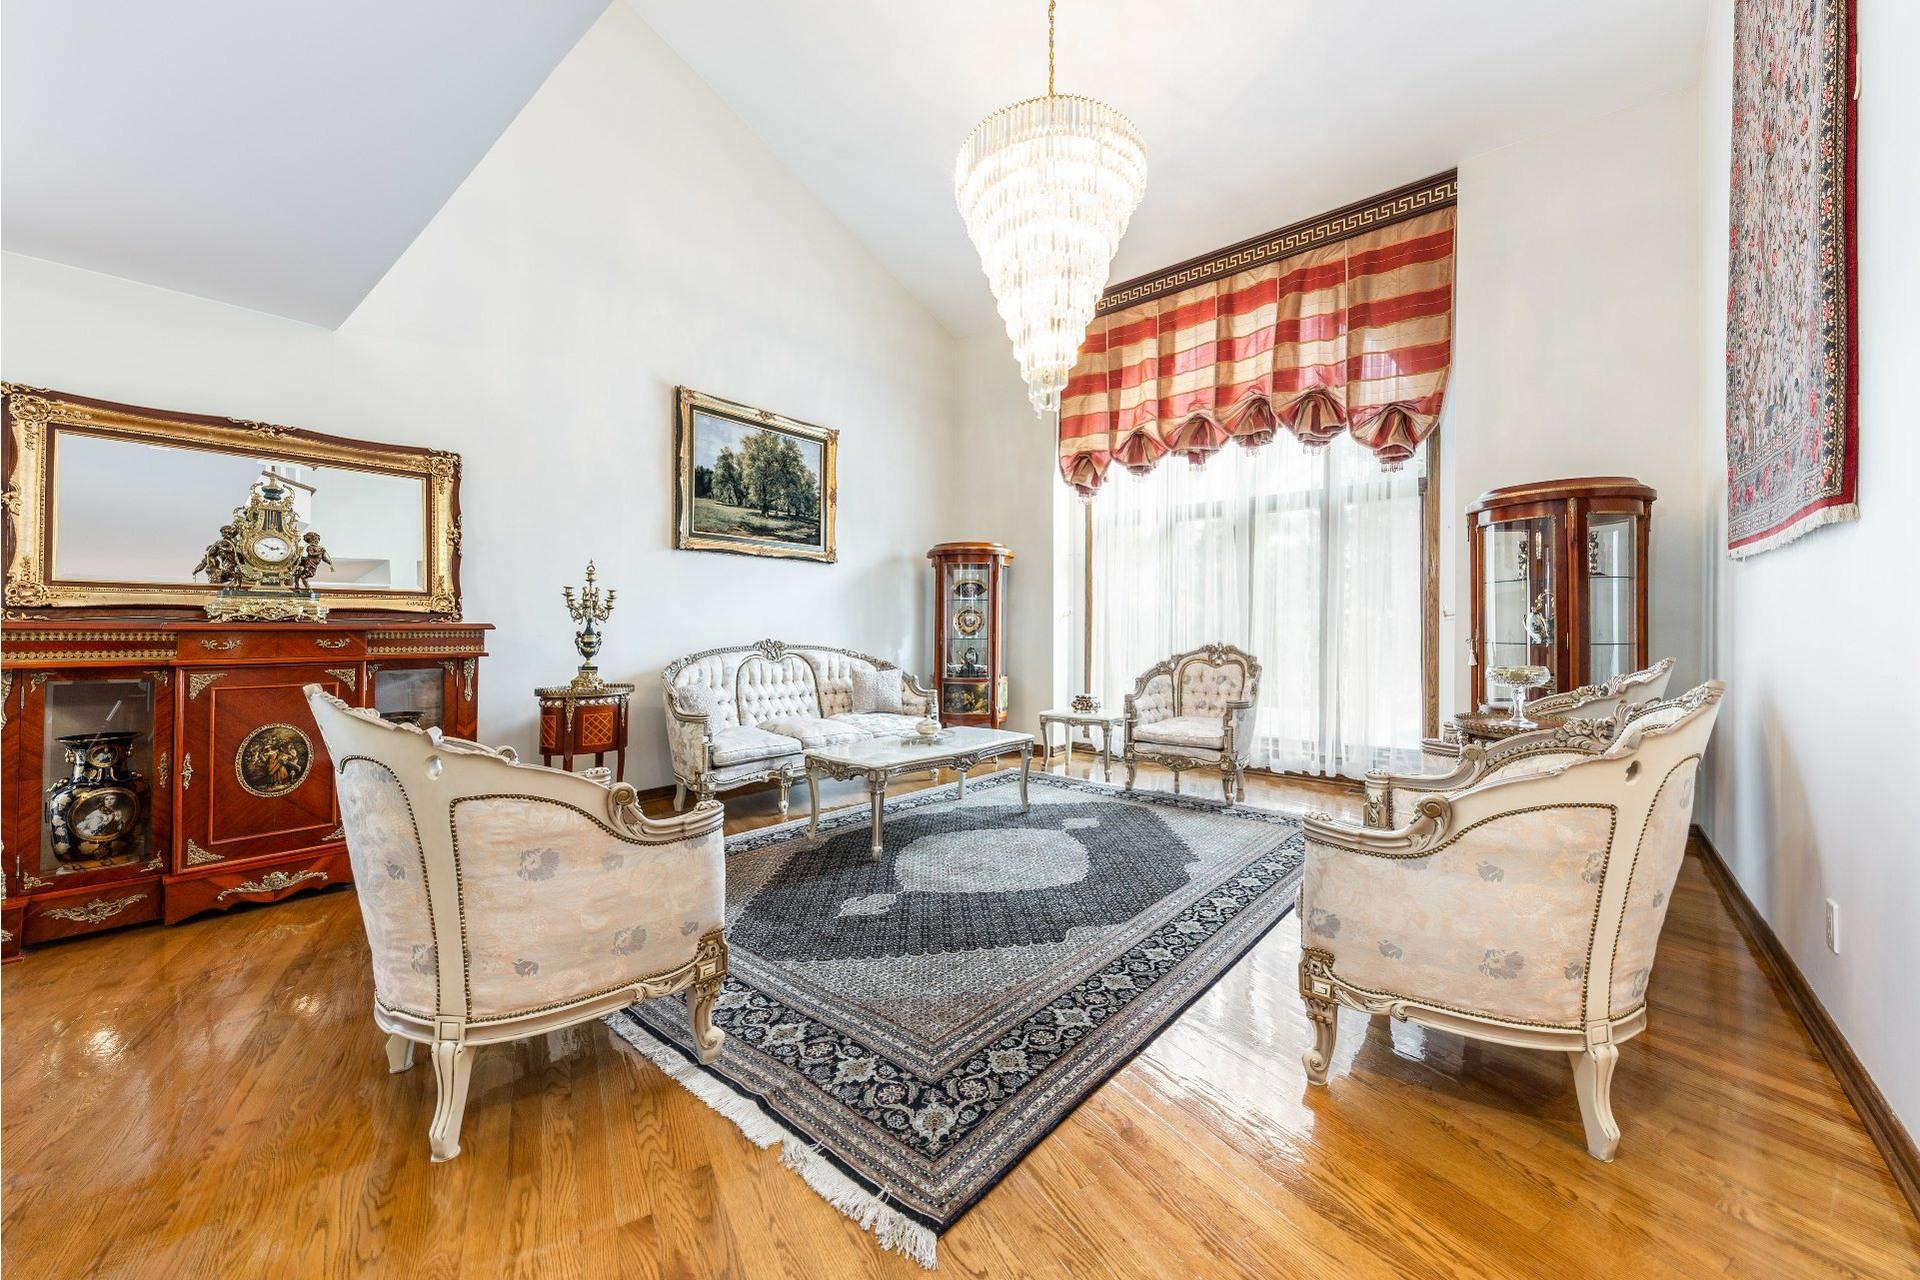 image 3 - Maison À vendre Beaconsfield - 15 pièces